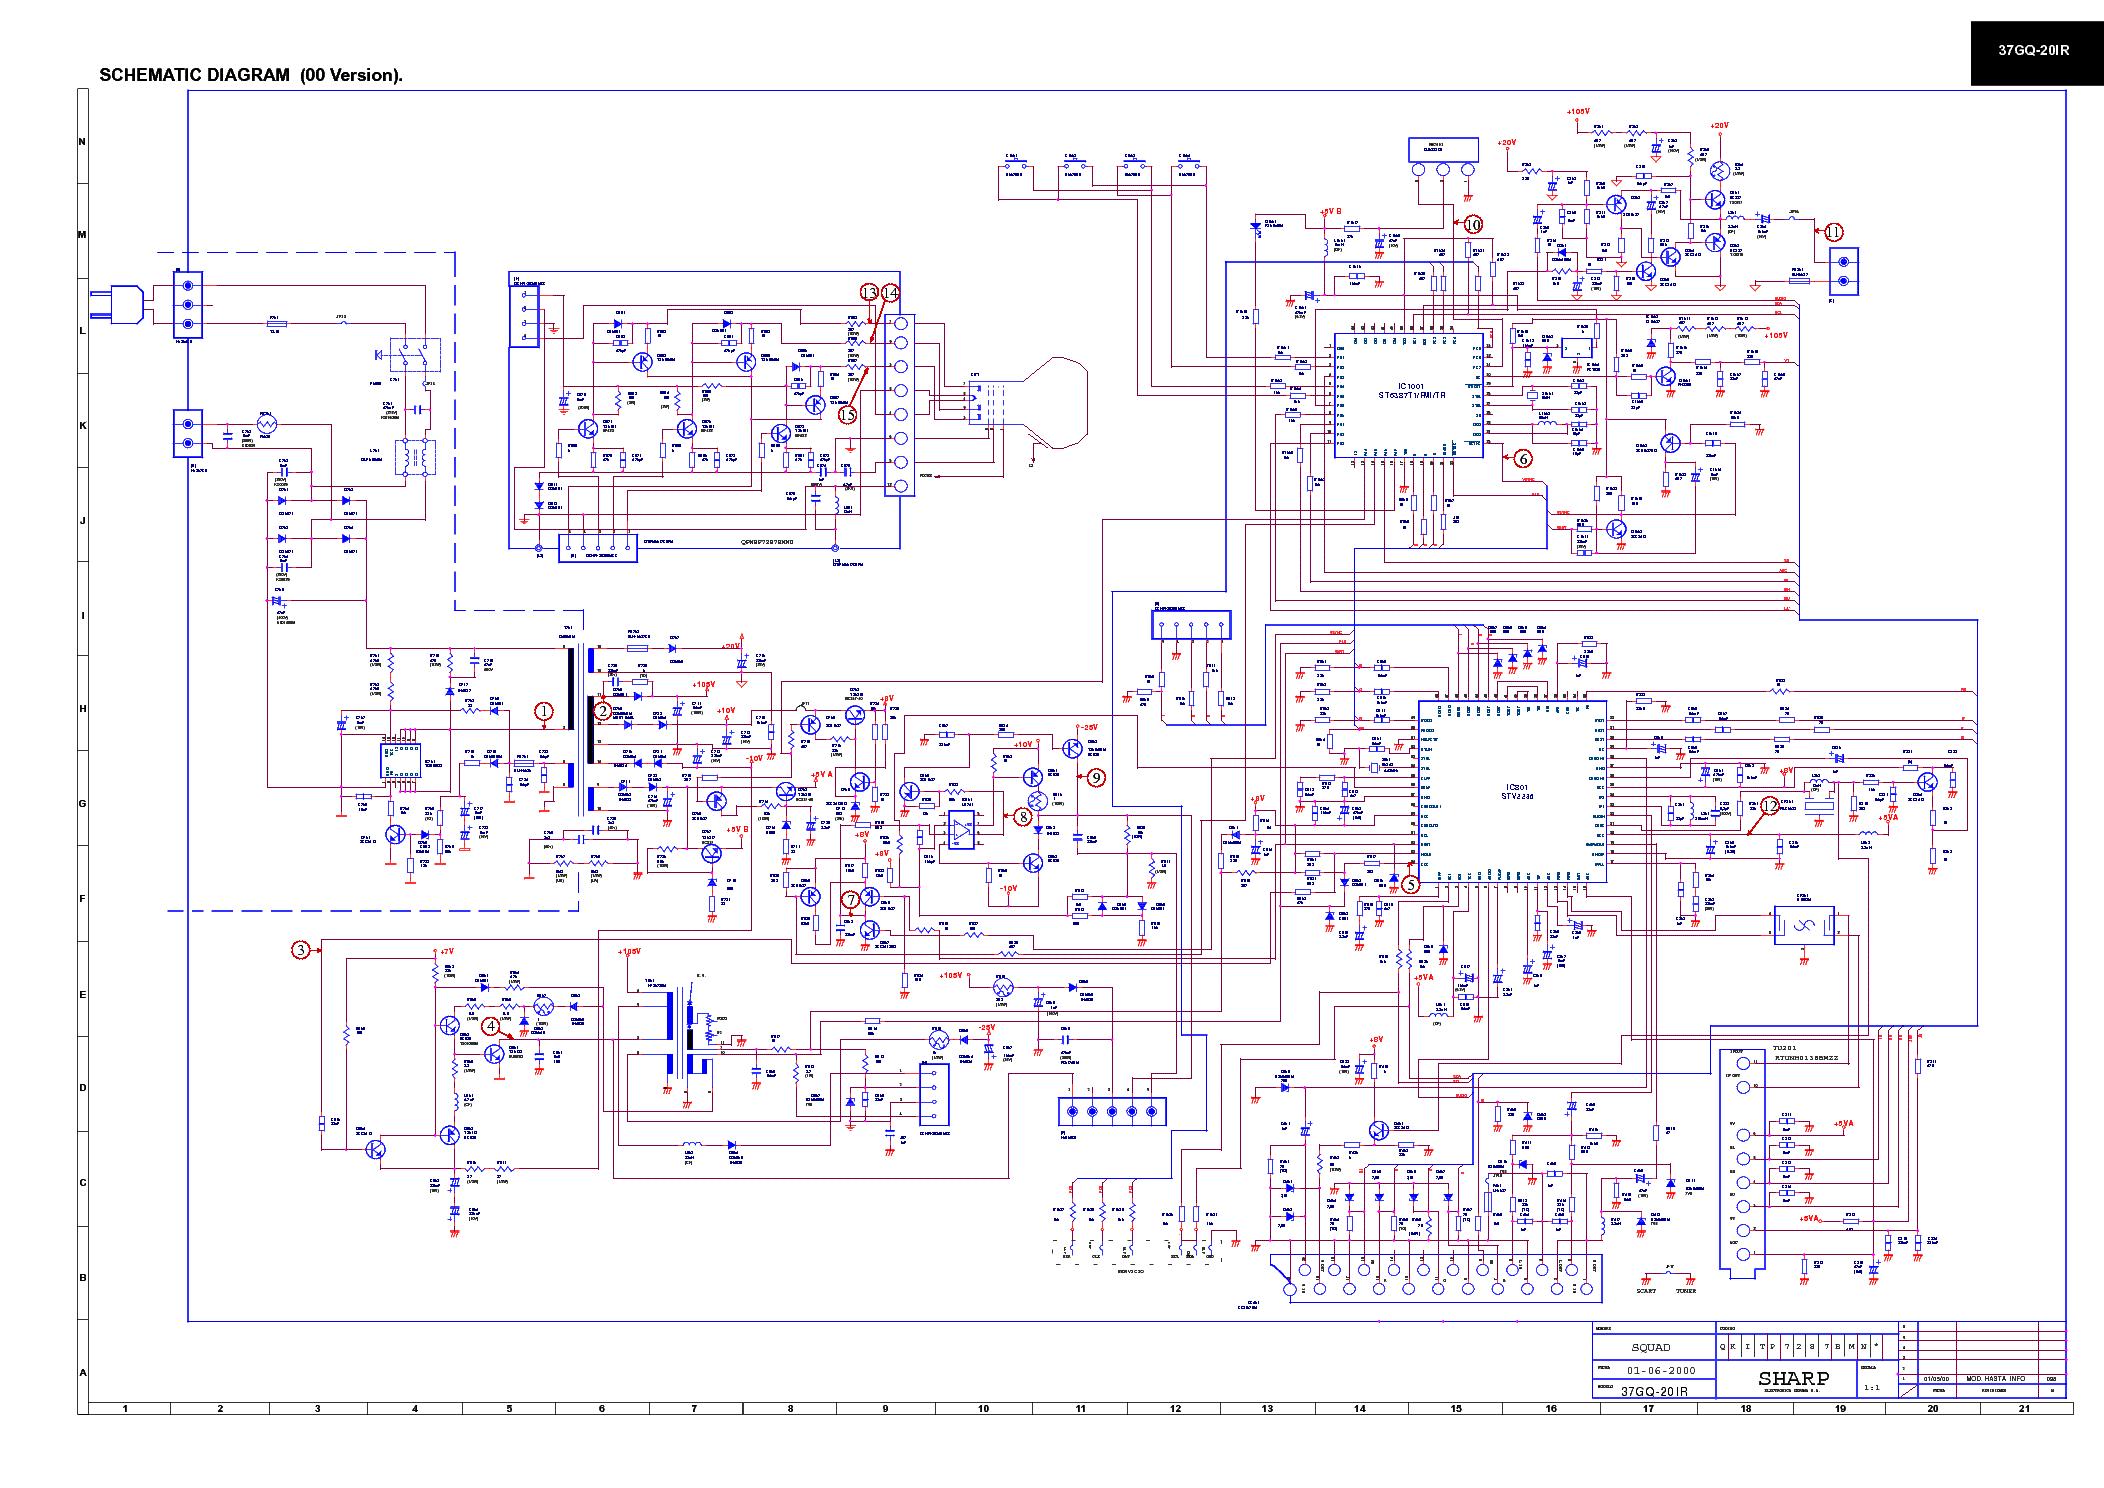 Электрическая схема телевизора sharp